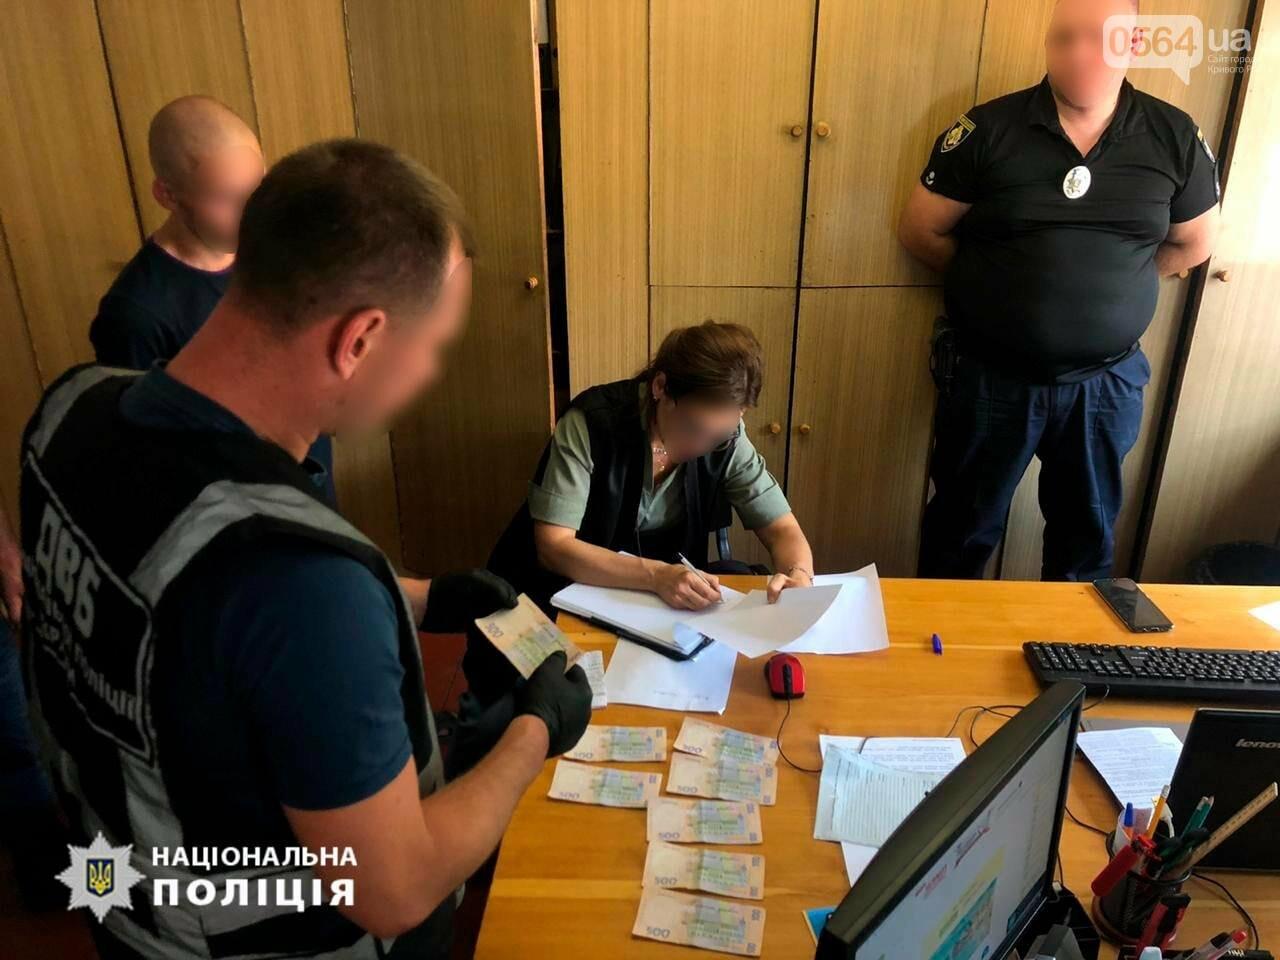 В Кривом Роге полицейского поймали на взятке, - ФОТО, фото-1